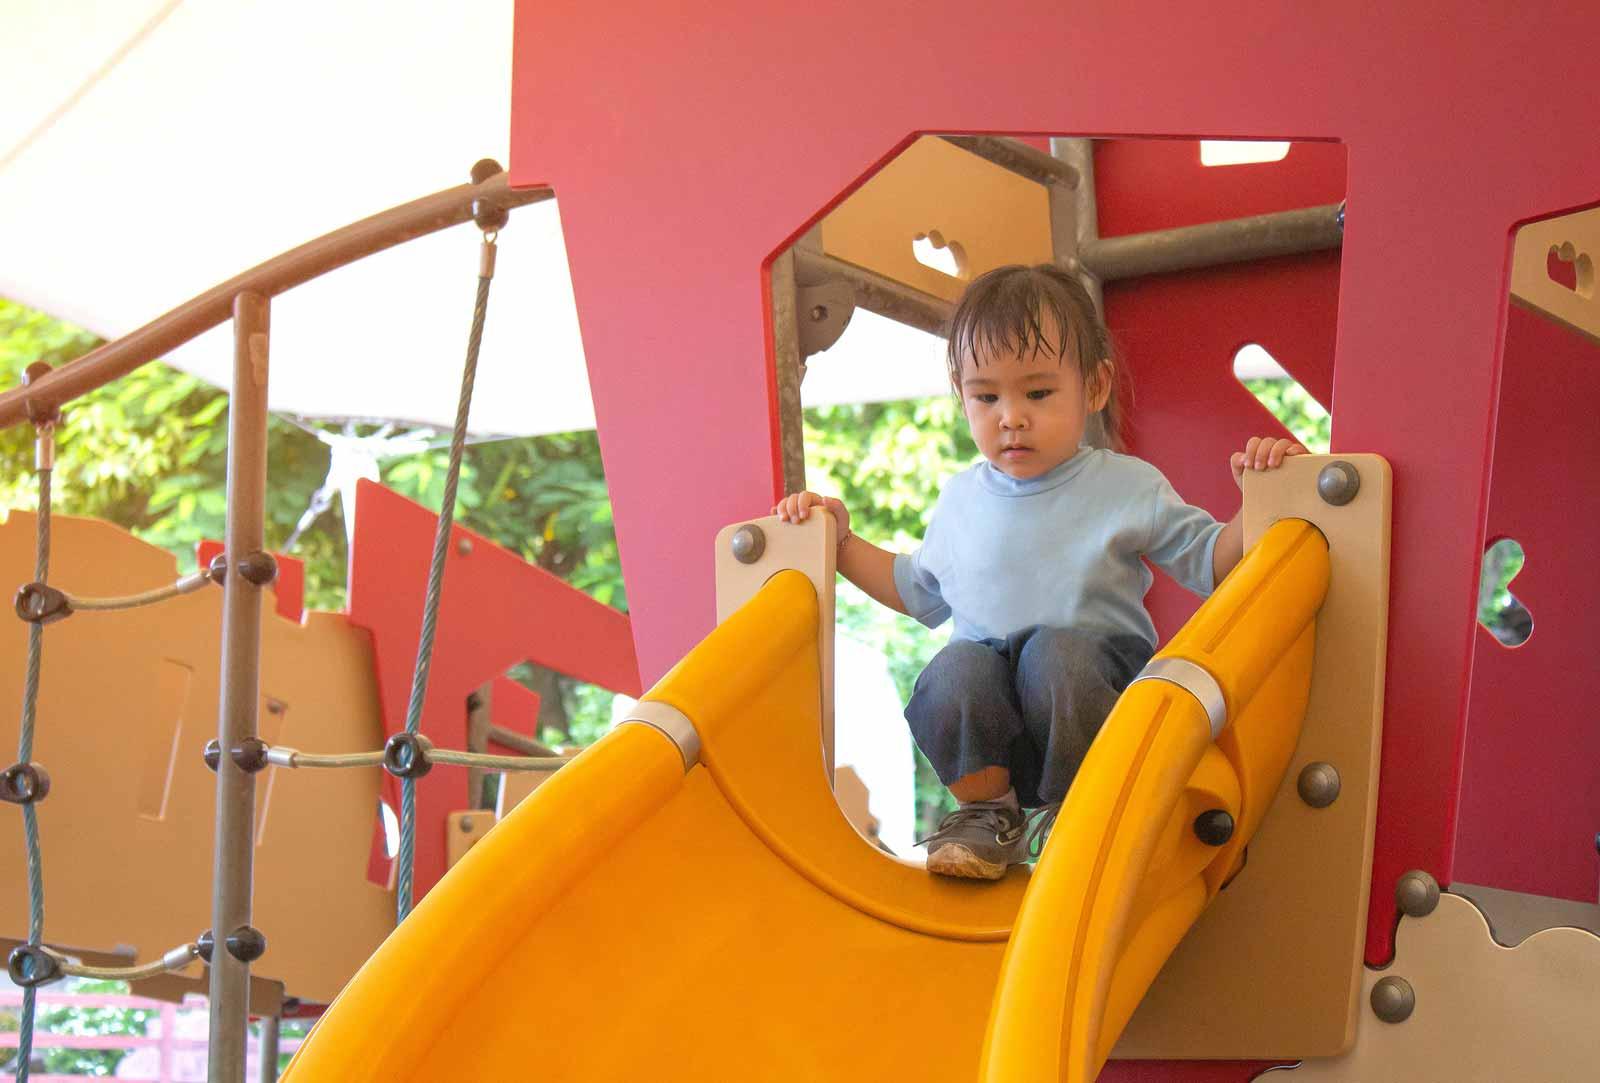 Risk in Play - Girl Sliding